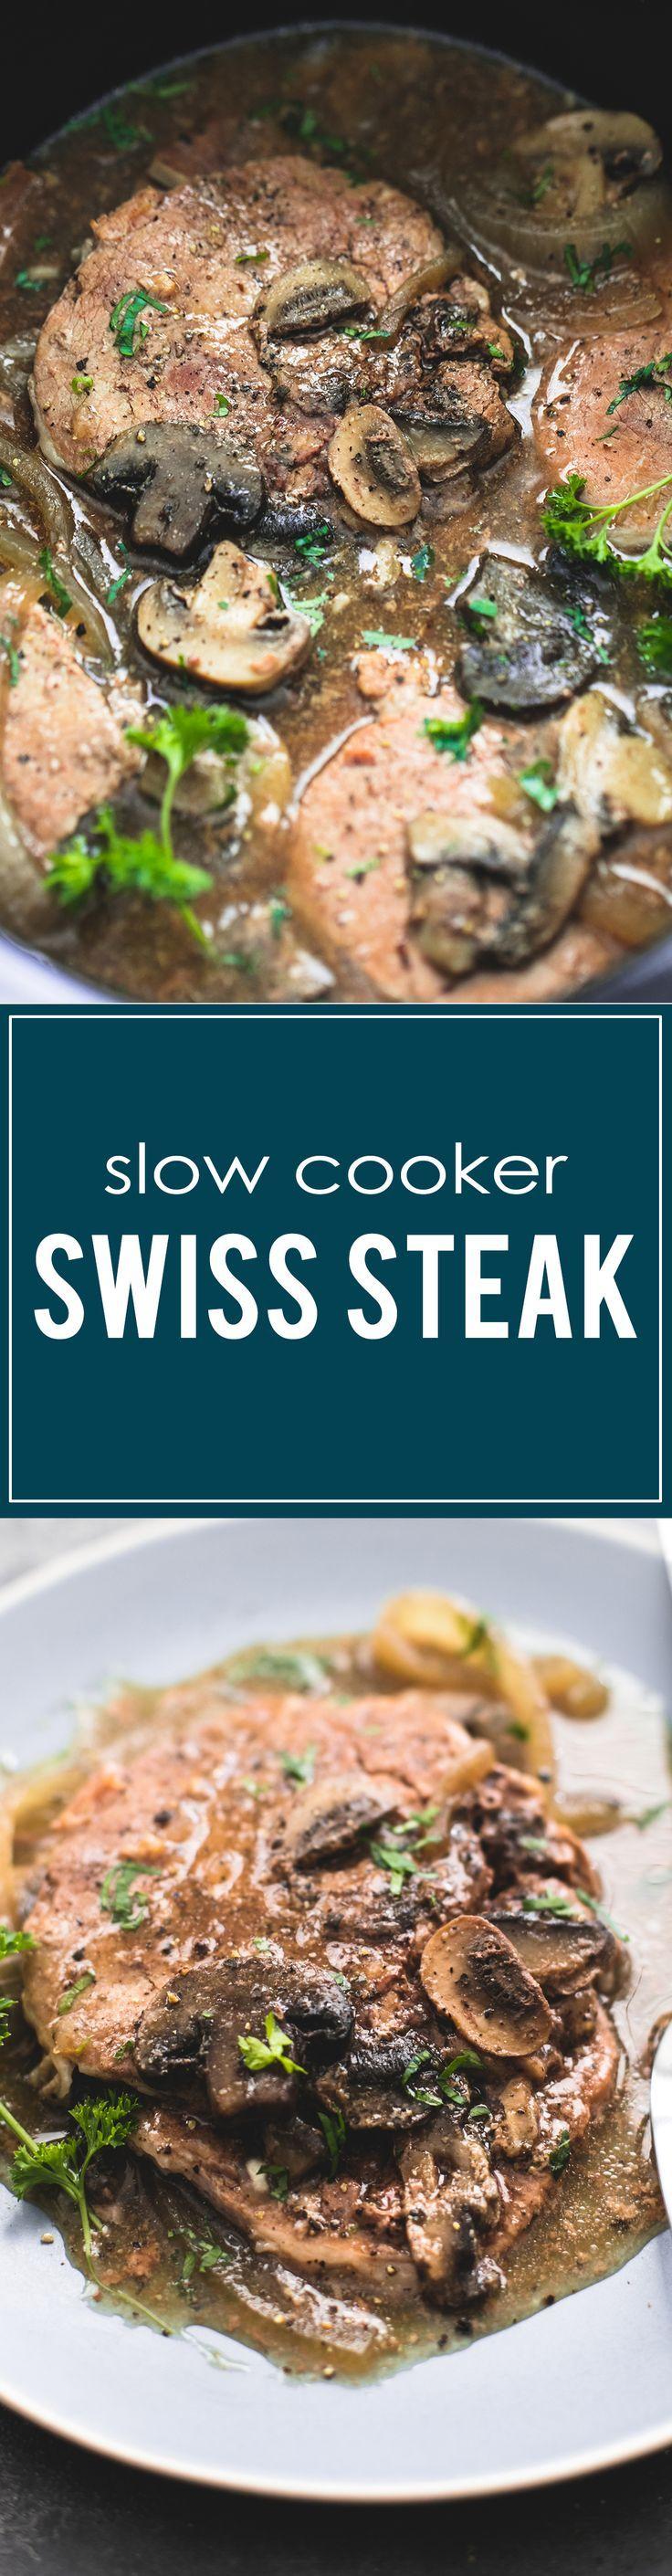 Slow Cooker Swiss Steak | http://lecremedelacrumb.com